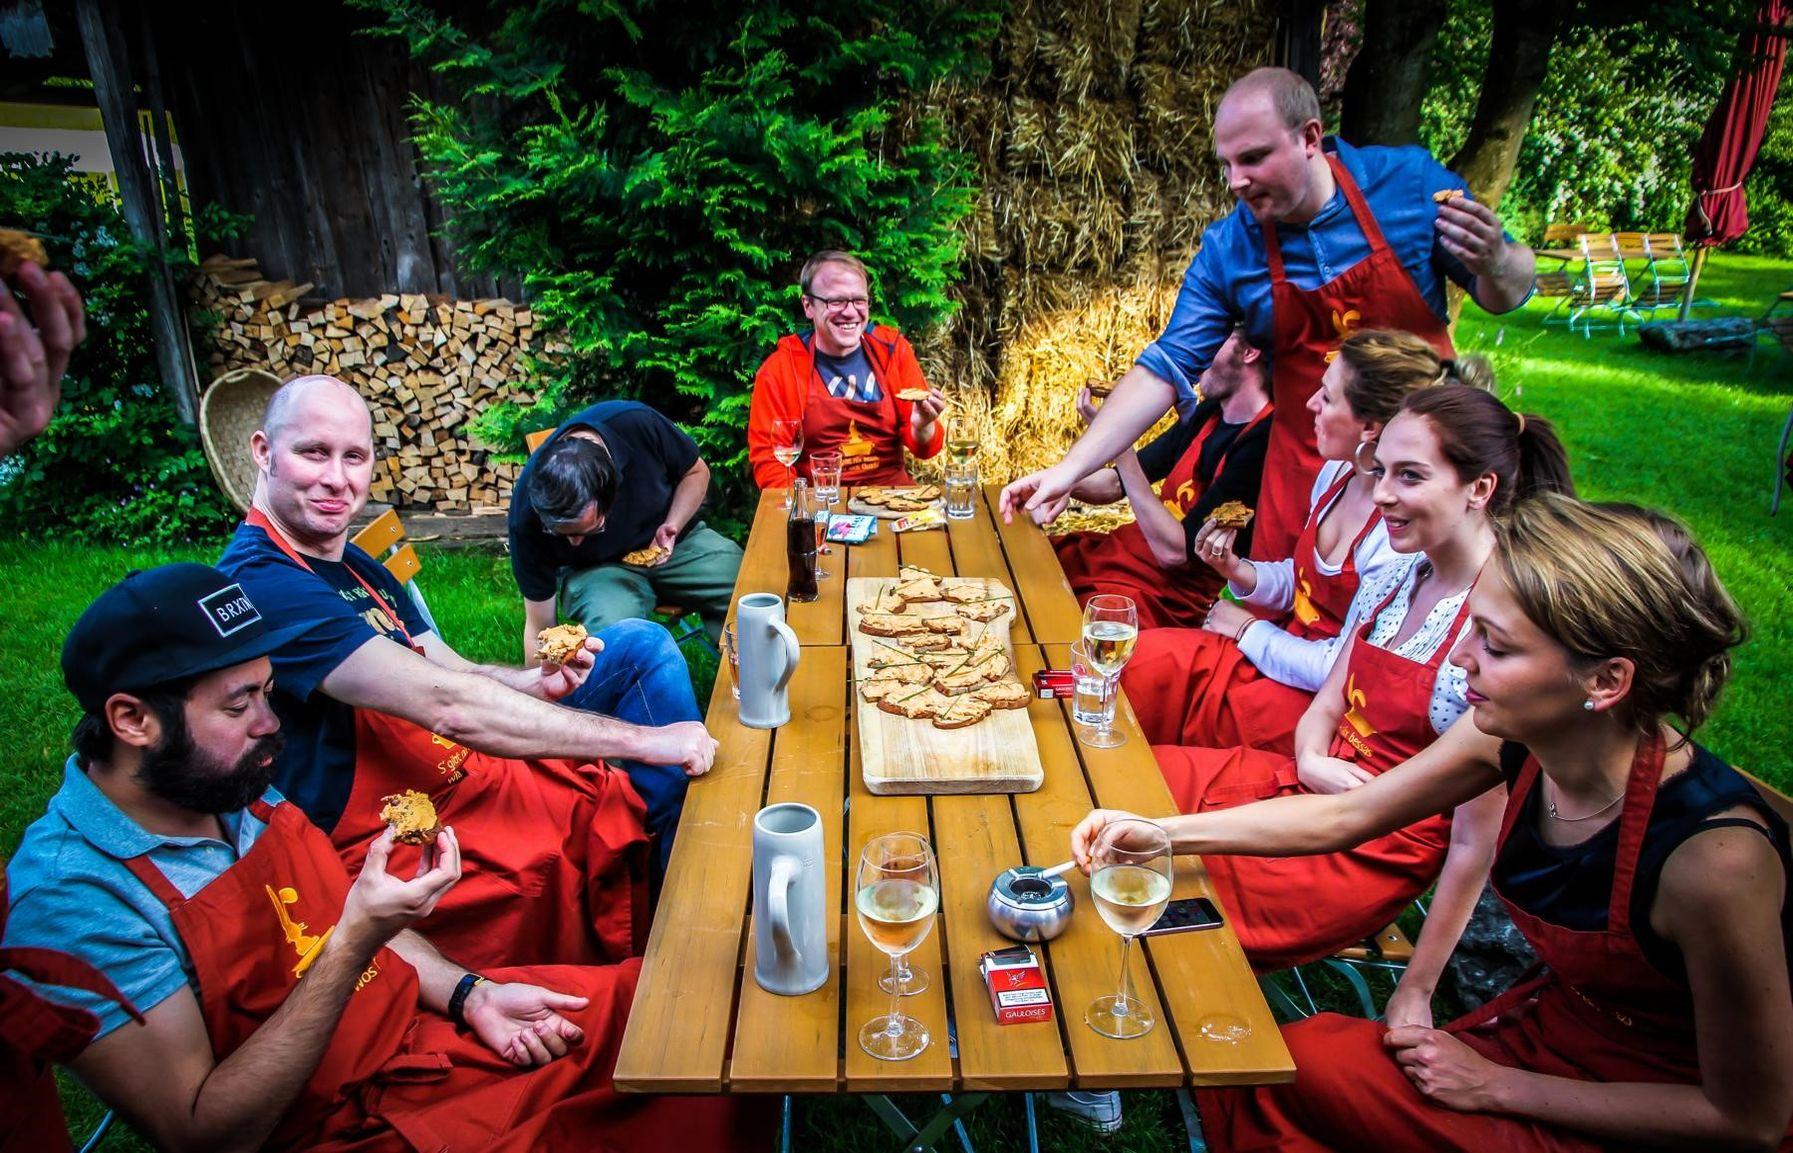 Team beim Essen im Freien